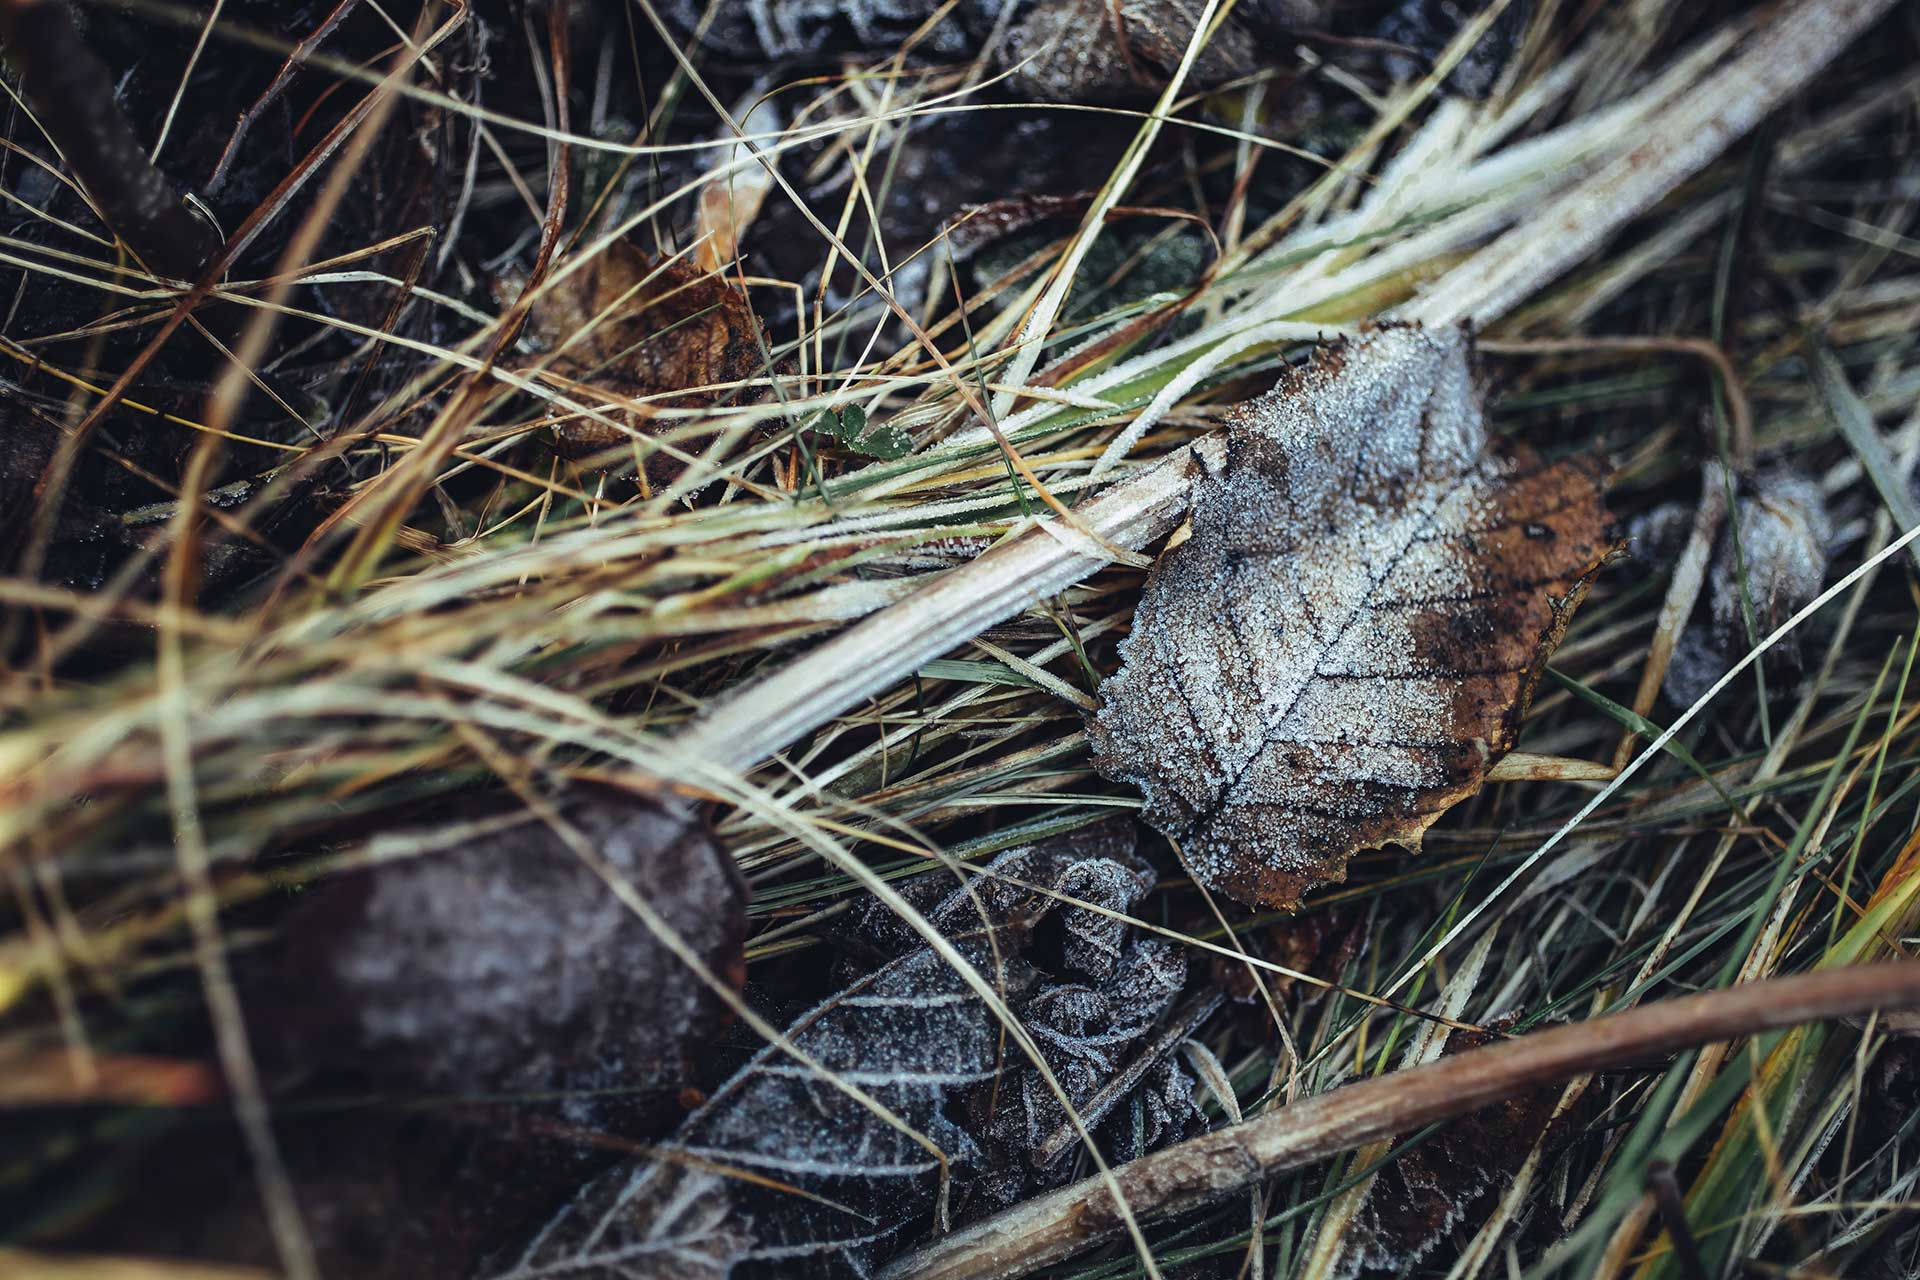 Detail Wald Boden Natur Fotograf Herbst Berge Berlin